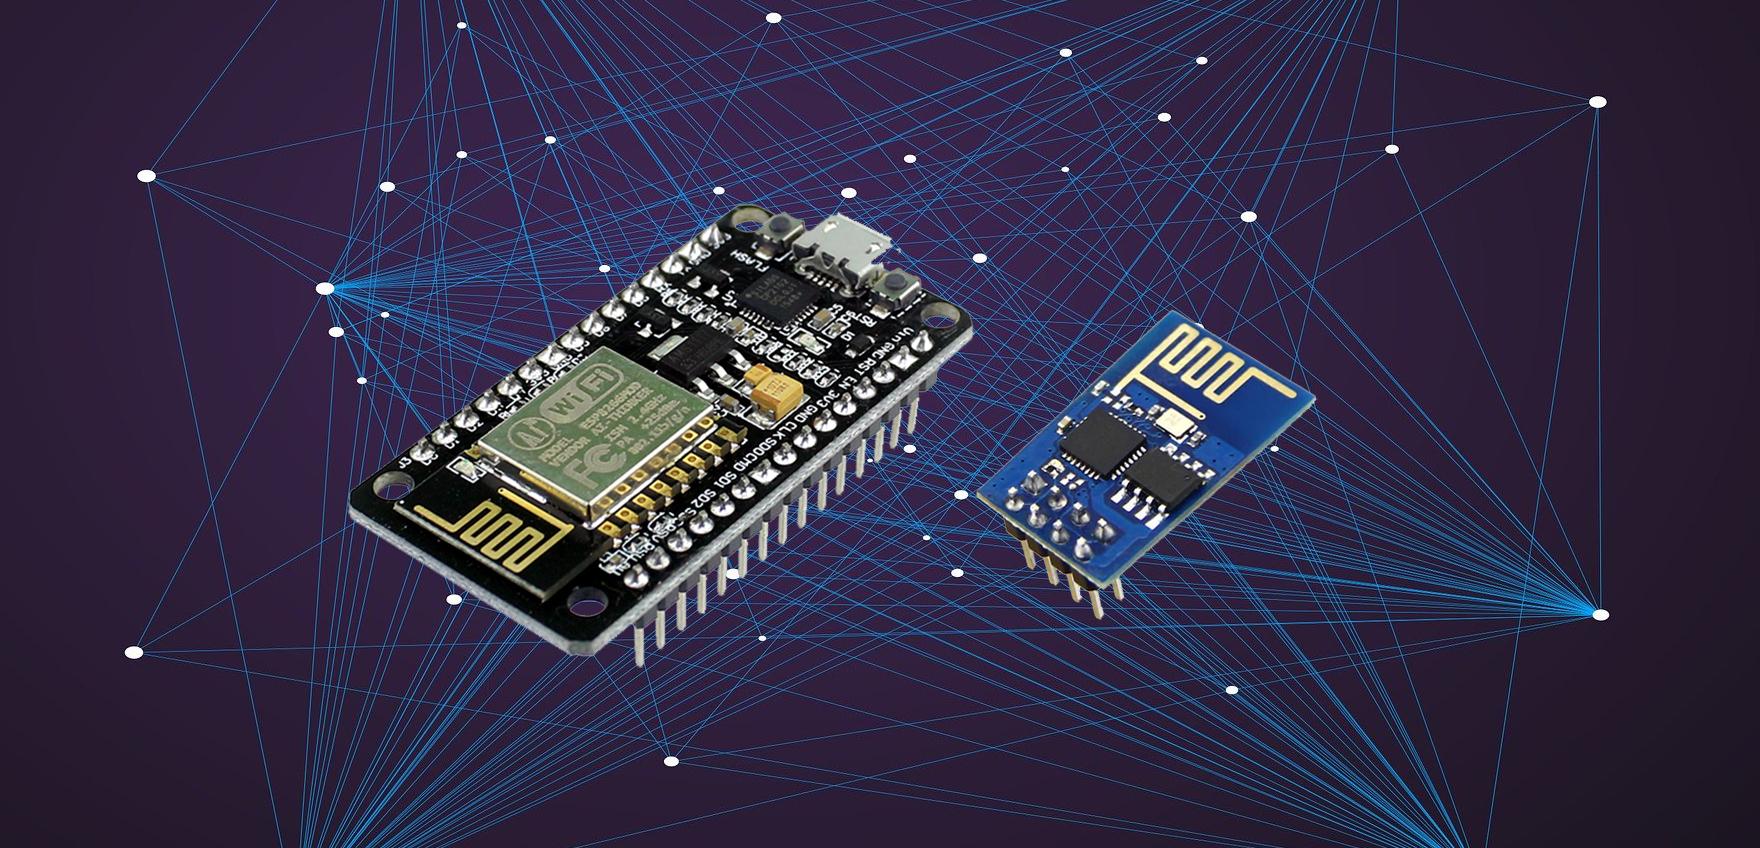 Utilização de NodeMCU em projetos IoT